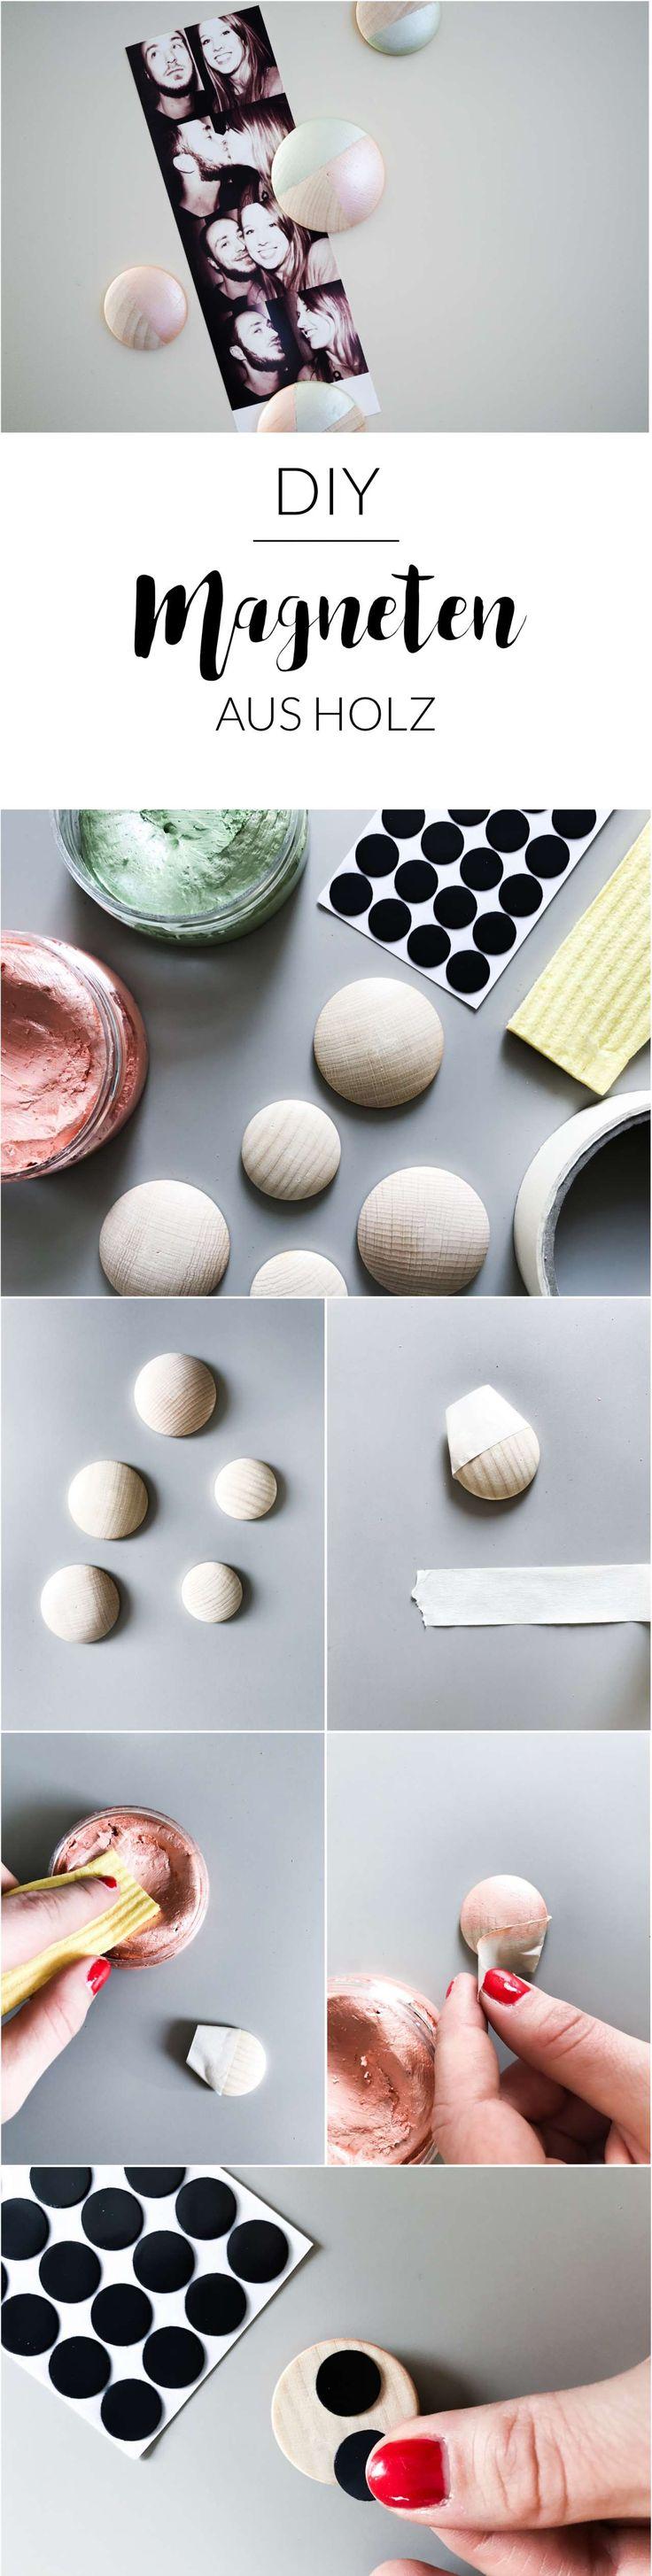 Easy peasy Holzmagneten mit geometrischen Muster in Metallic-Pastellfarben ganz einfach selber machen! Schau vorbei! | Kühlschrankmagneten selber machen | Magneten selber machen | DIY Idee Magneten aus Holz | Metallic | Geschenkidee selbstgemacht | DIY Deko | geometrisches Muster | Pastellfarben | paulsvera